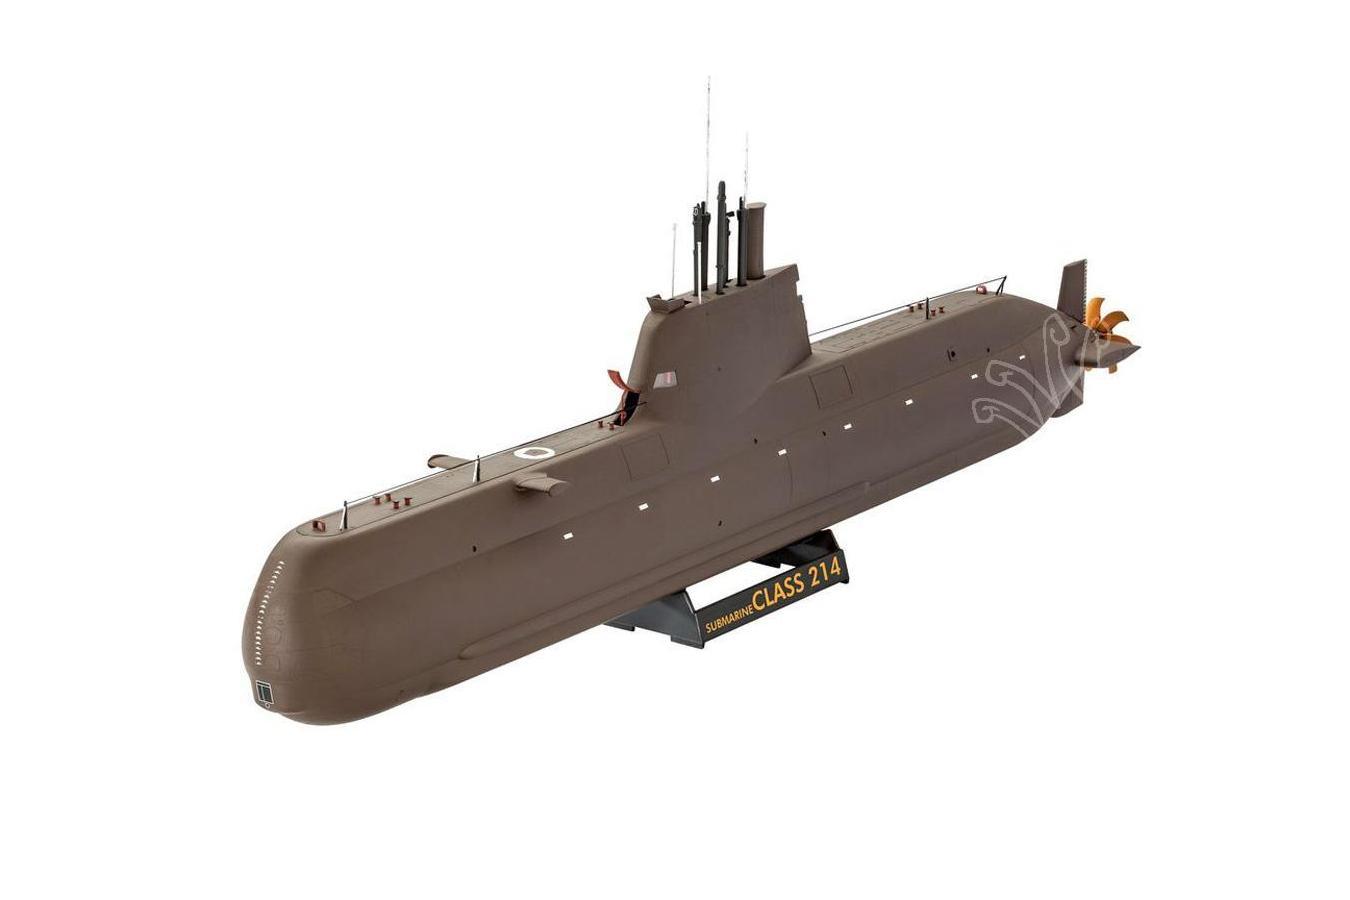 sous marin class 214 1 144 revell revell 05153 aux mod les r duits votre sp cialiste depuis. Black Bedroom Furniture Sets. Home Design Ideas